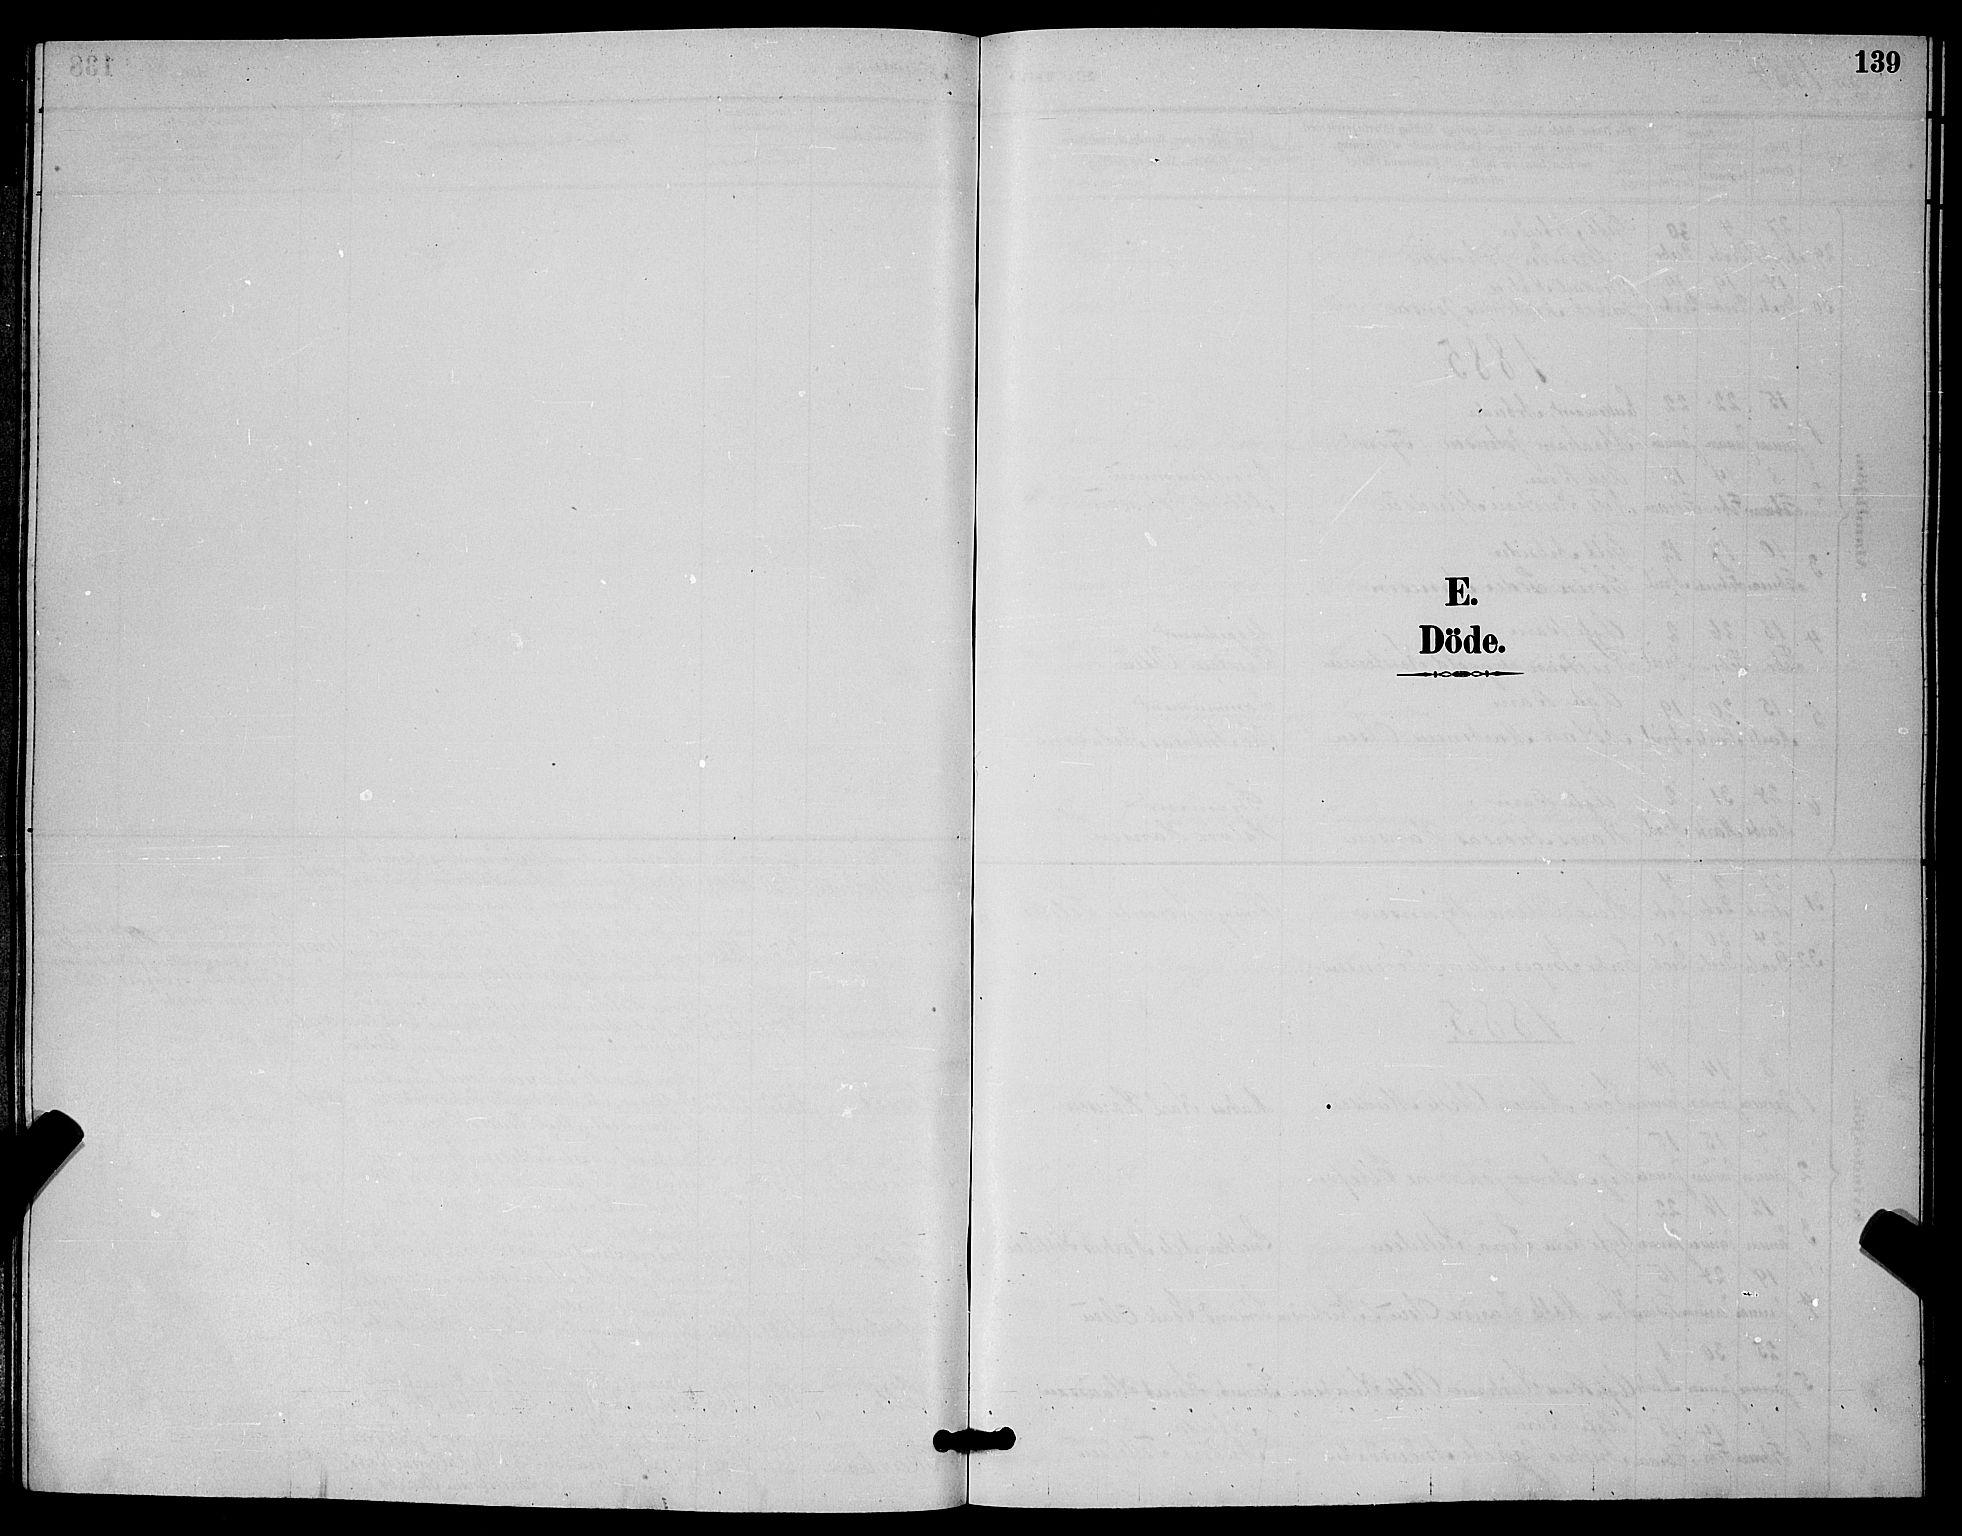 SAKO, Skåtøy kirkebøker, G/Ga/L0003: Klokkerbok nr. I 3, 1884-1898, s. 139